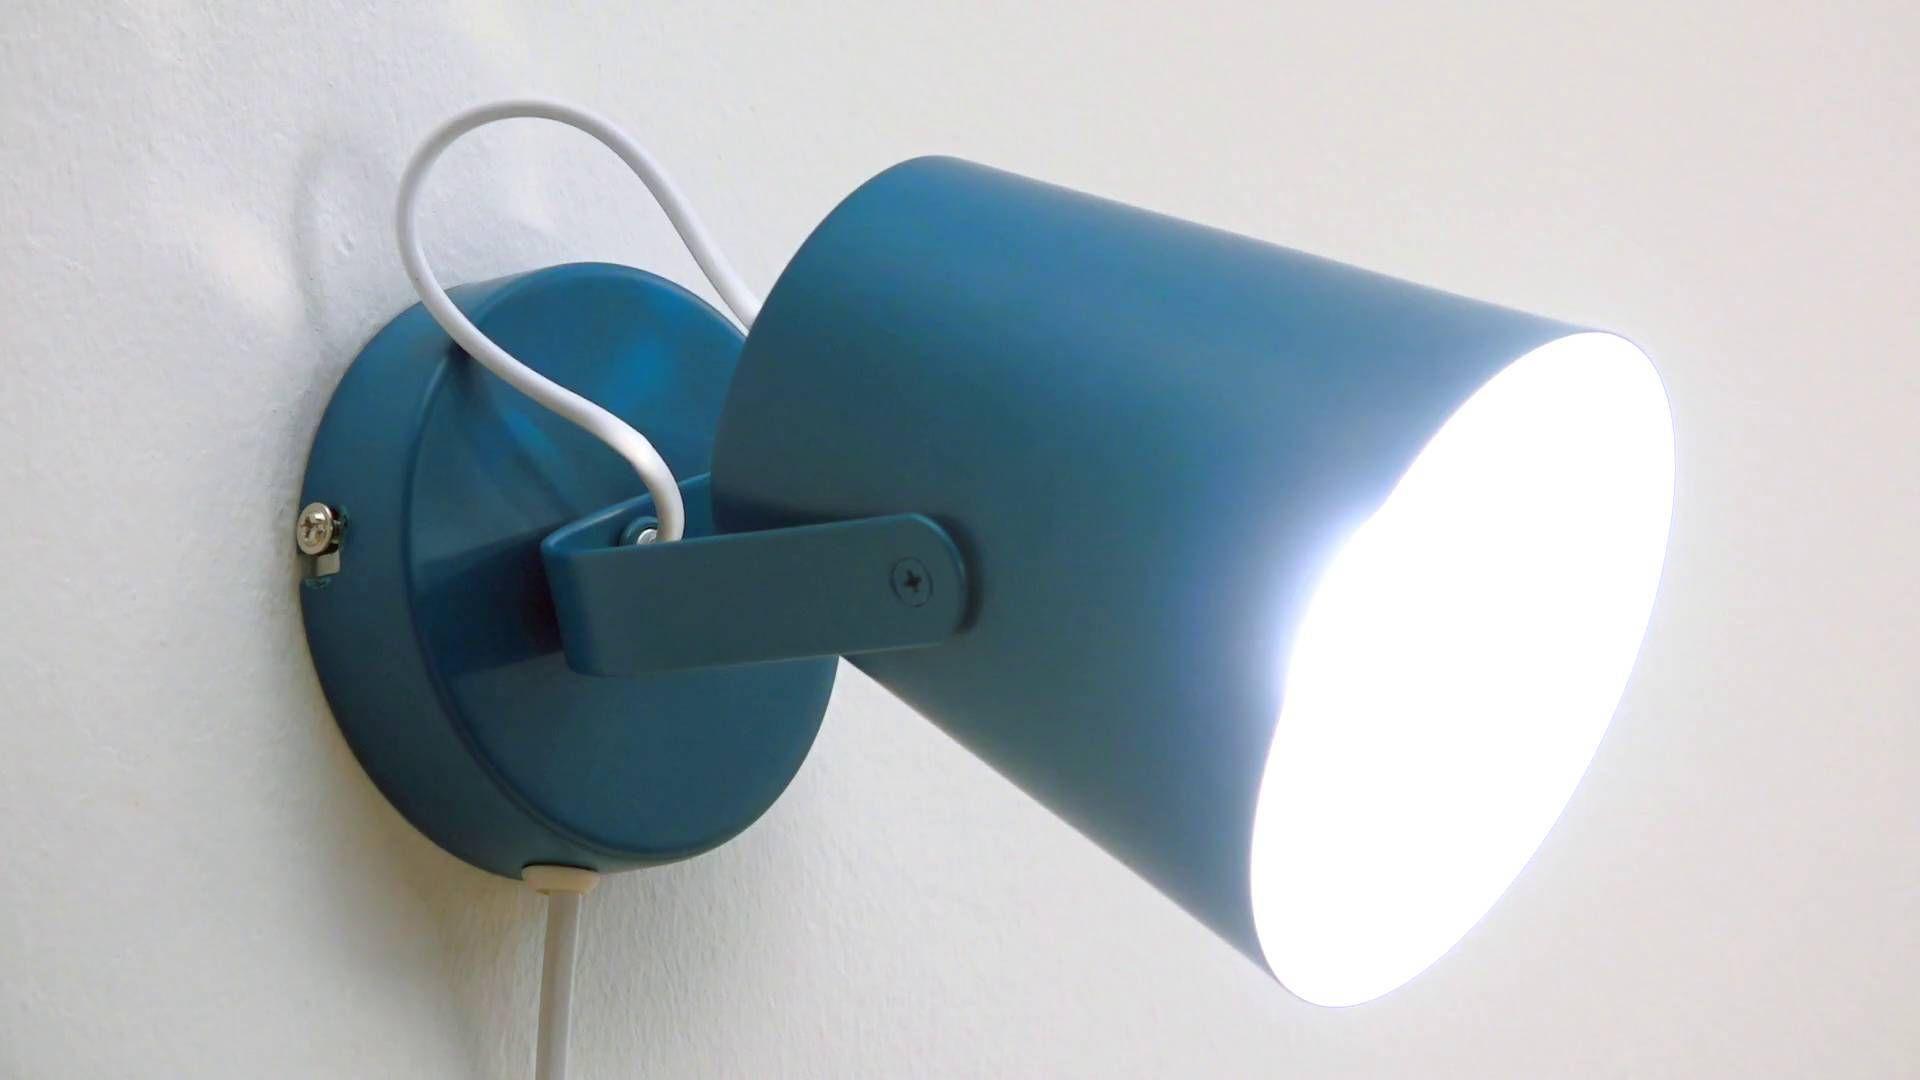 Applique classique chic led intégrée dopan métal inspire lights